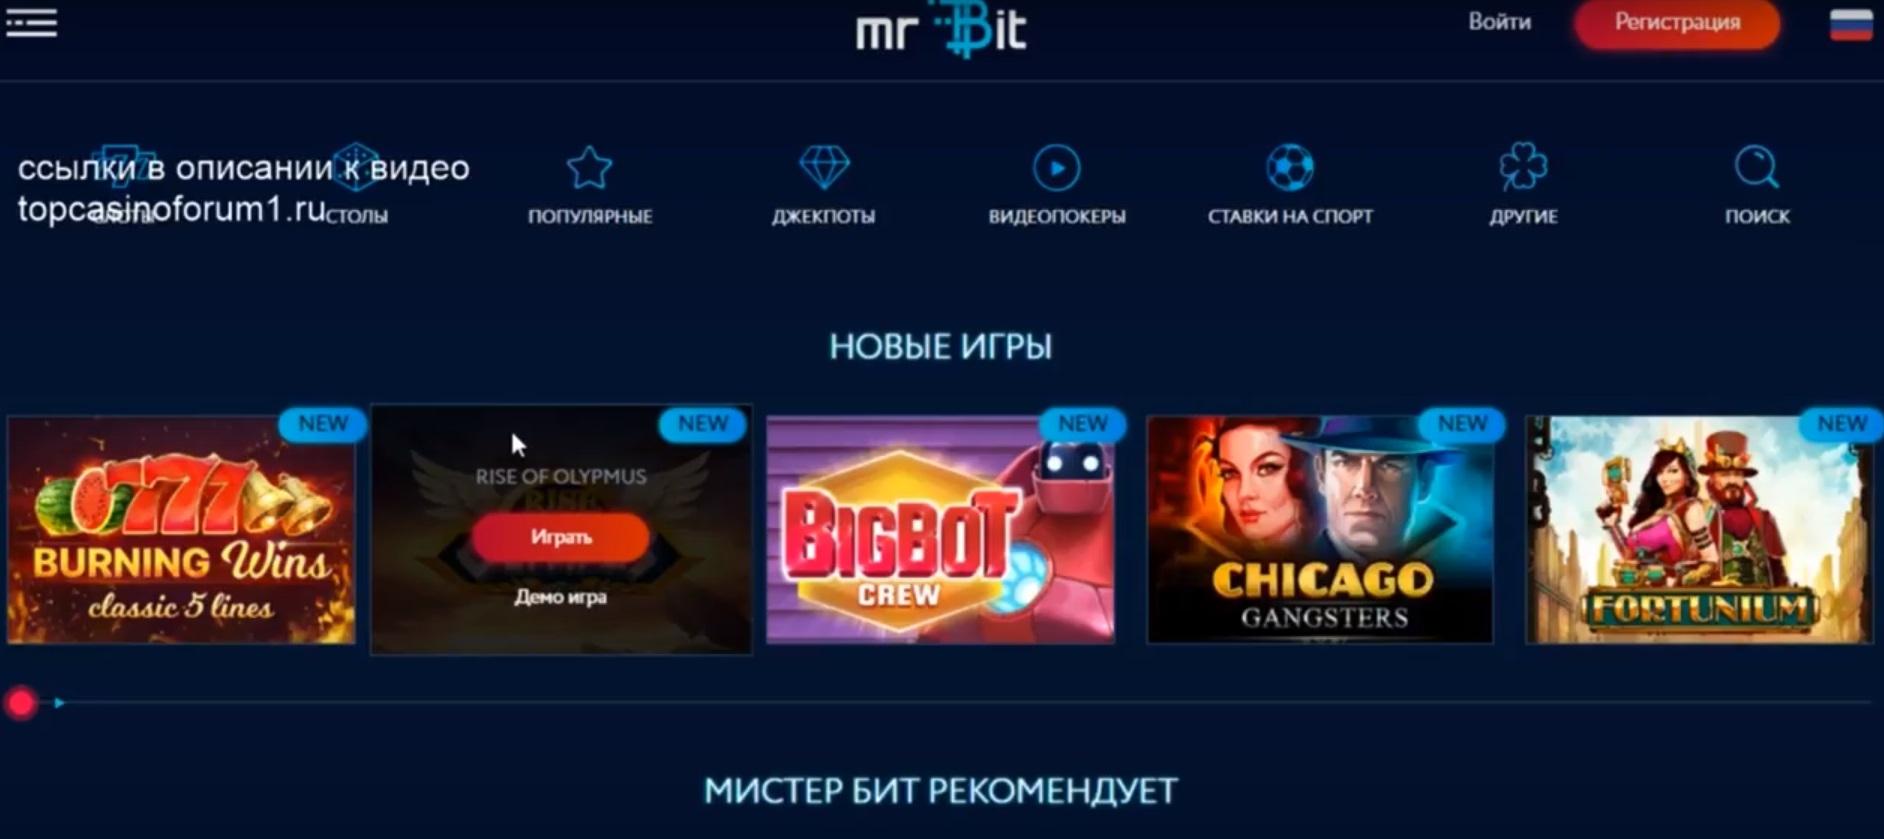 mr bit casino официальный